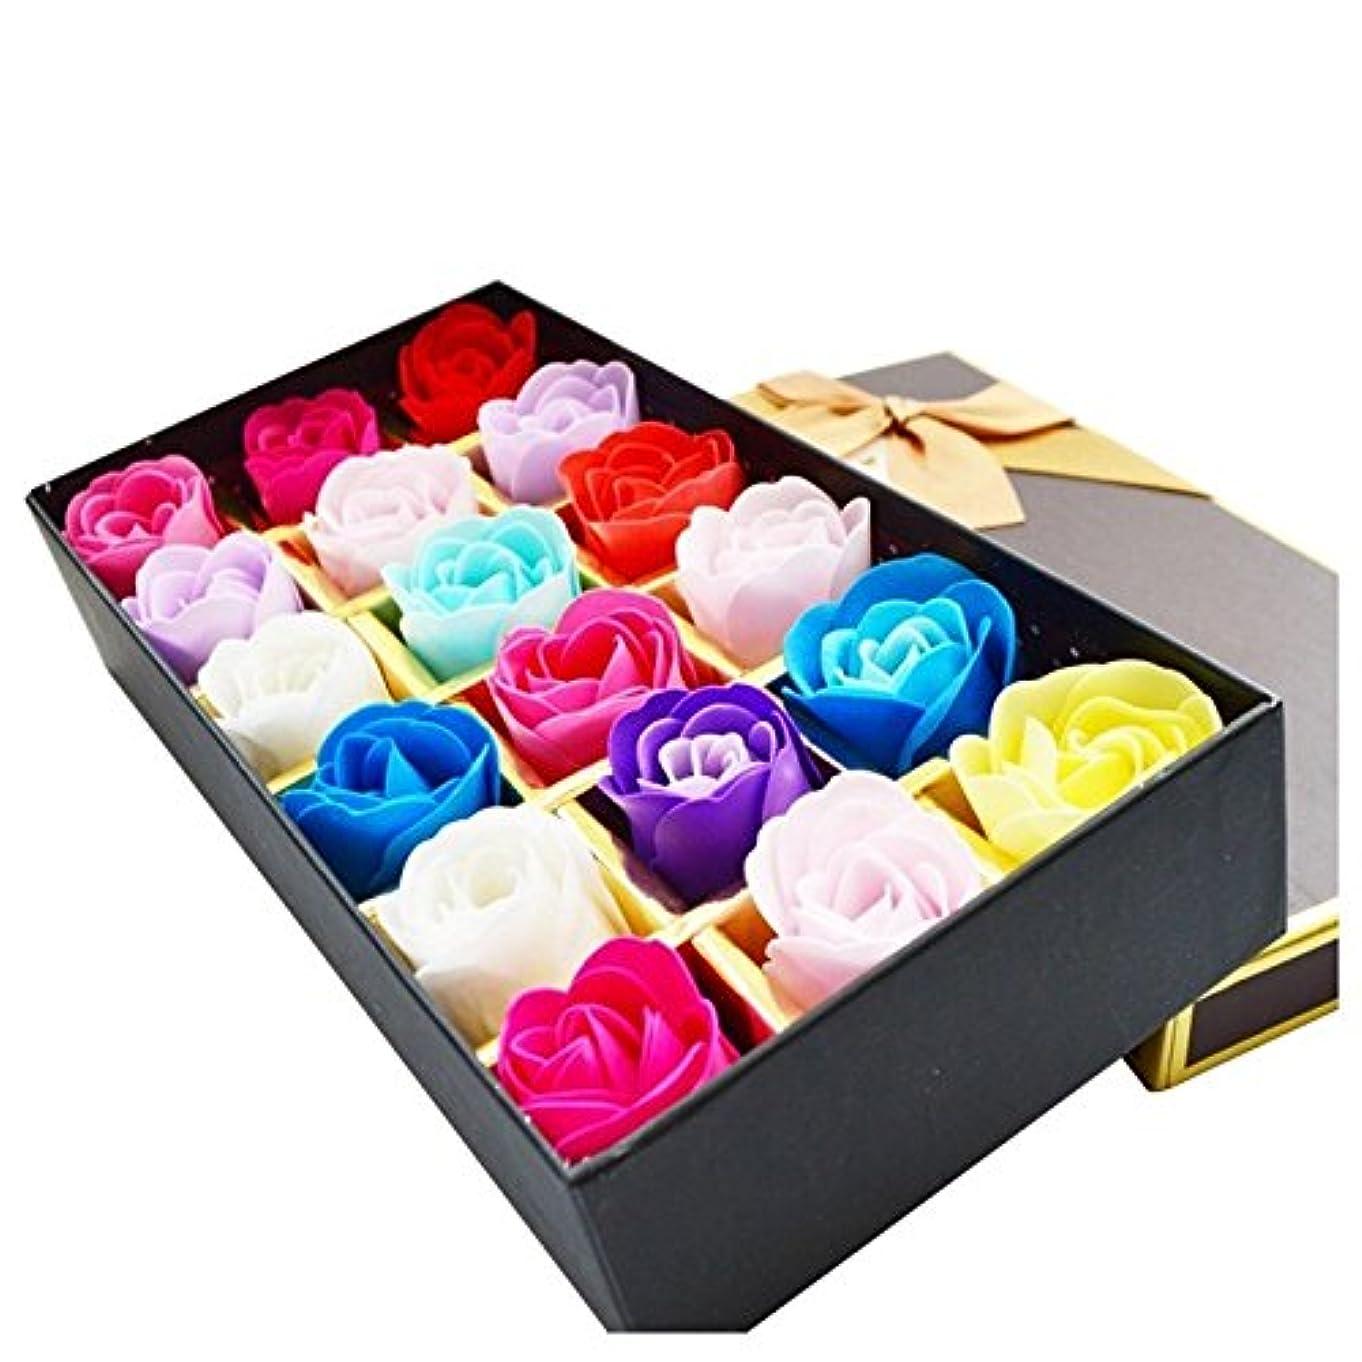 行甘い品種ローズ フラワーソープ 石鹸 薔薇 プレゼント お祝い ③ #335